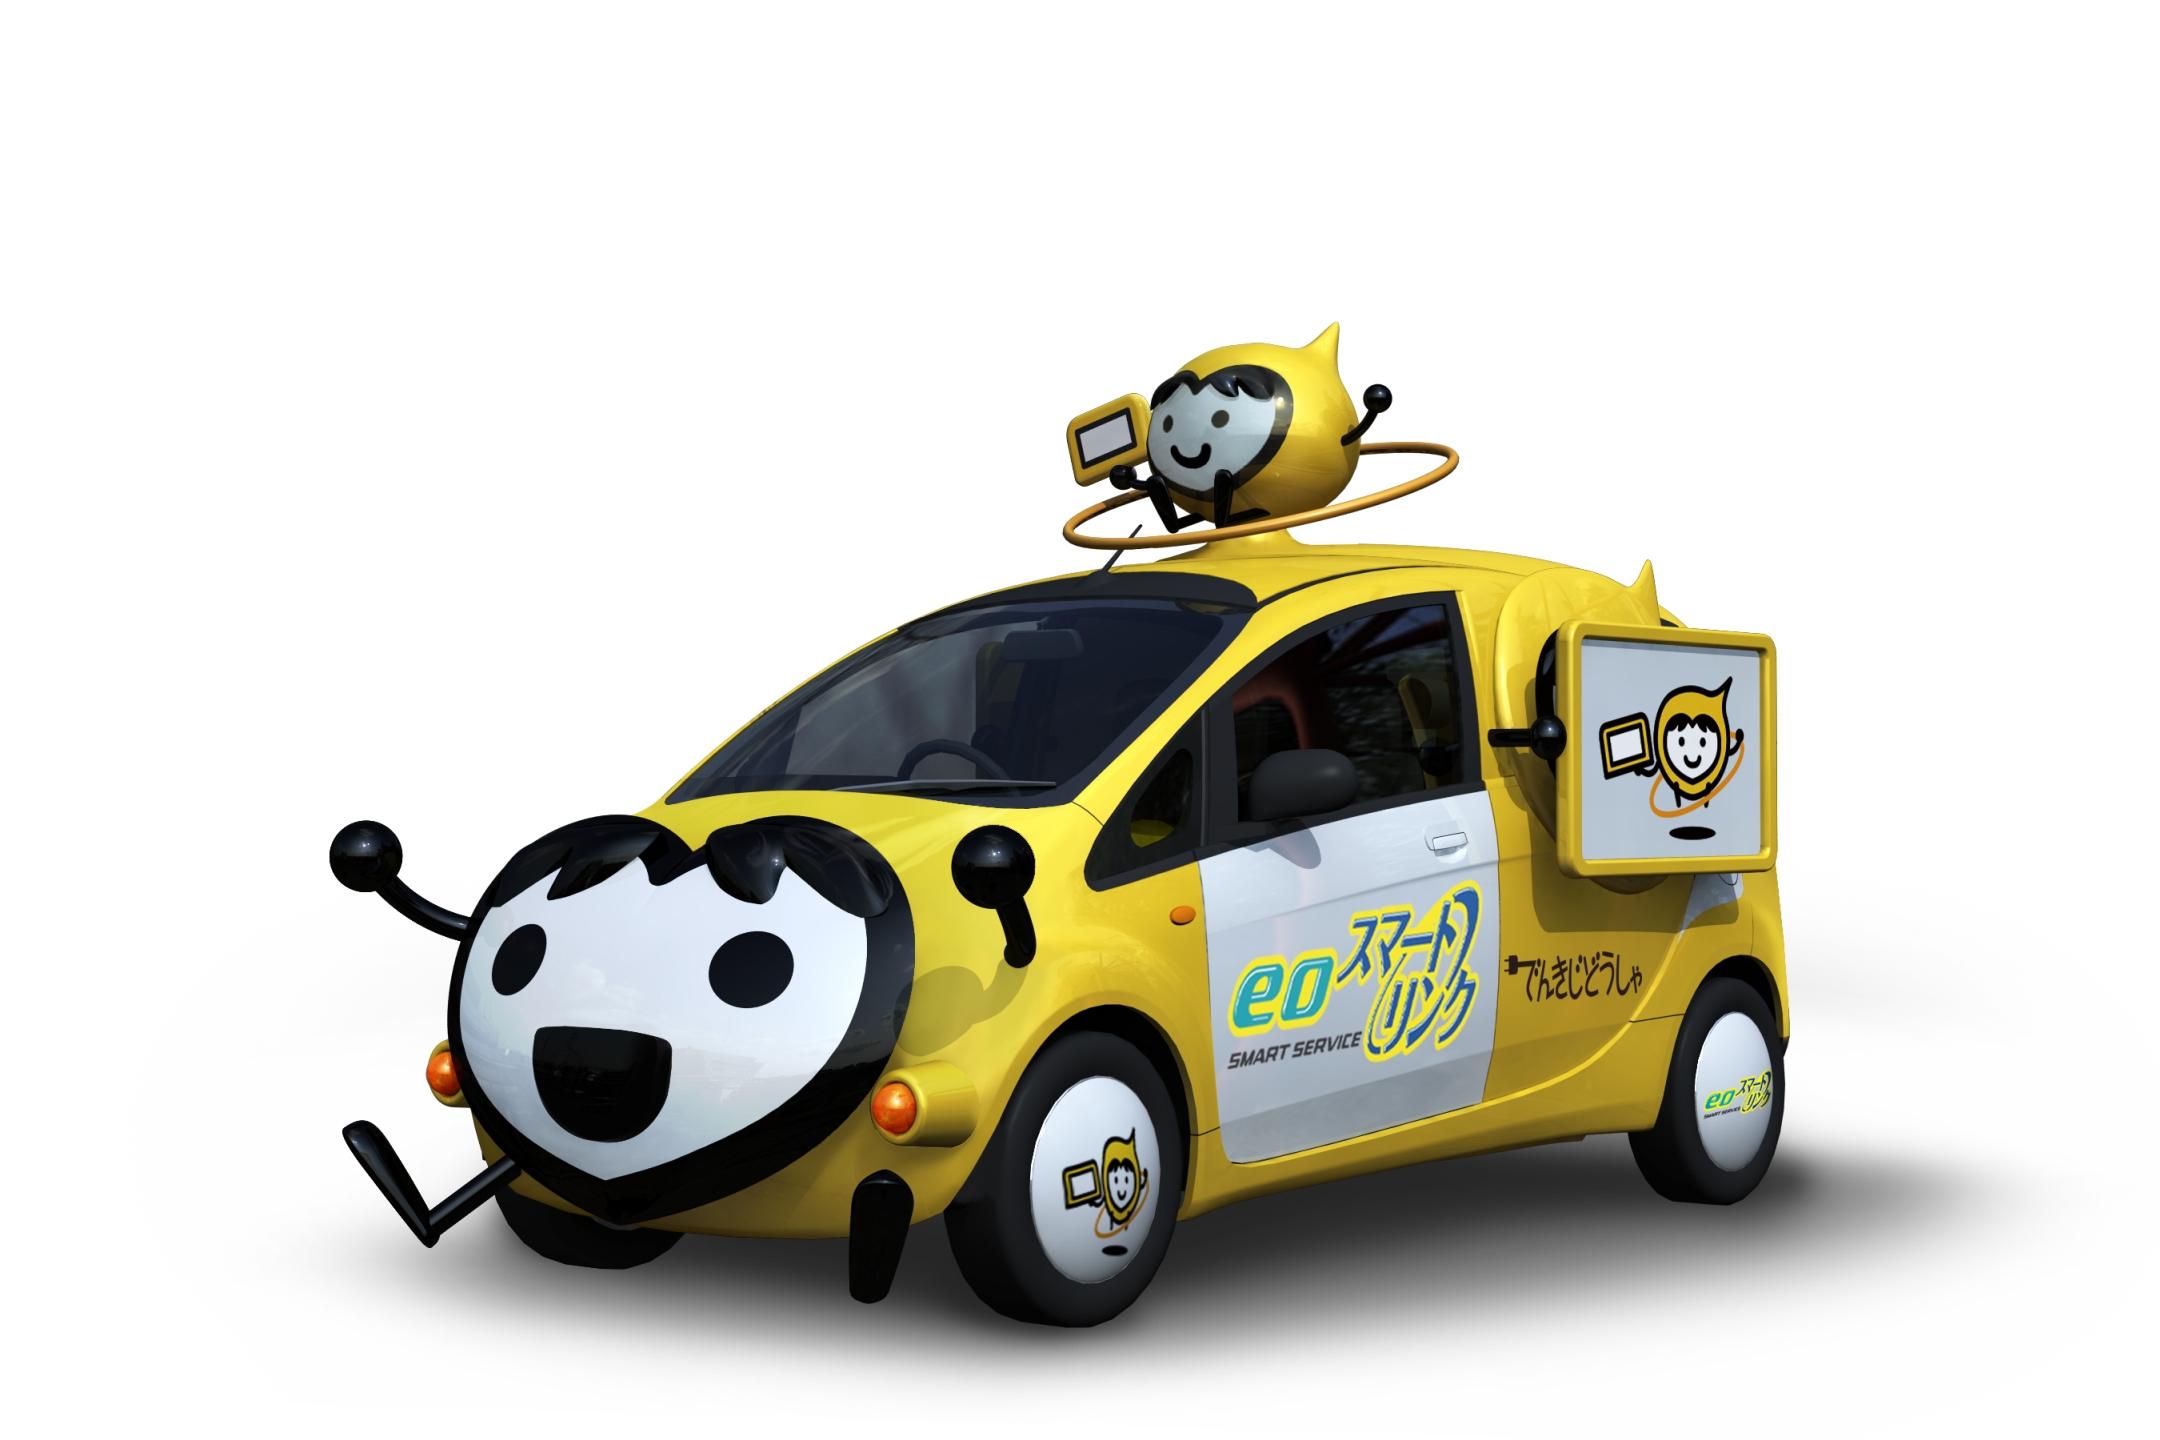 国内初 タブレット端末サービスのキャンペーンカー「リンクちゃん号」とARコンテンツの提供について